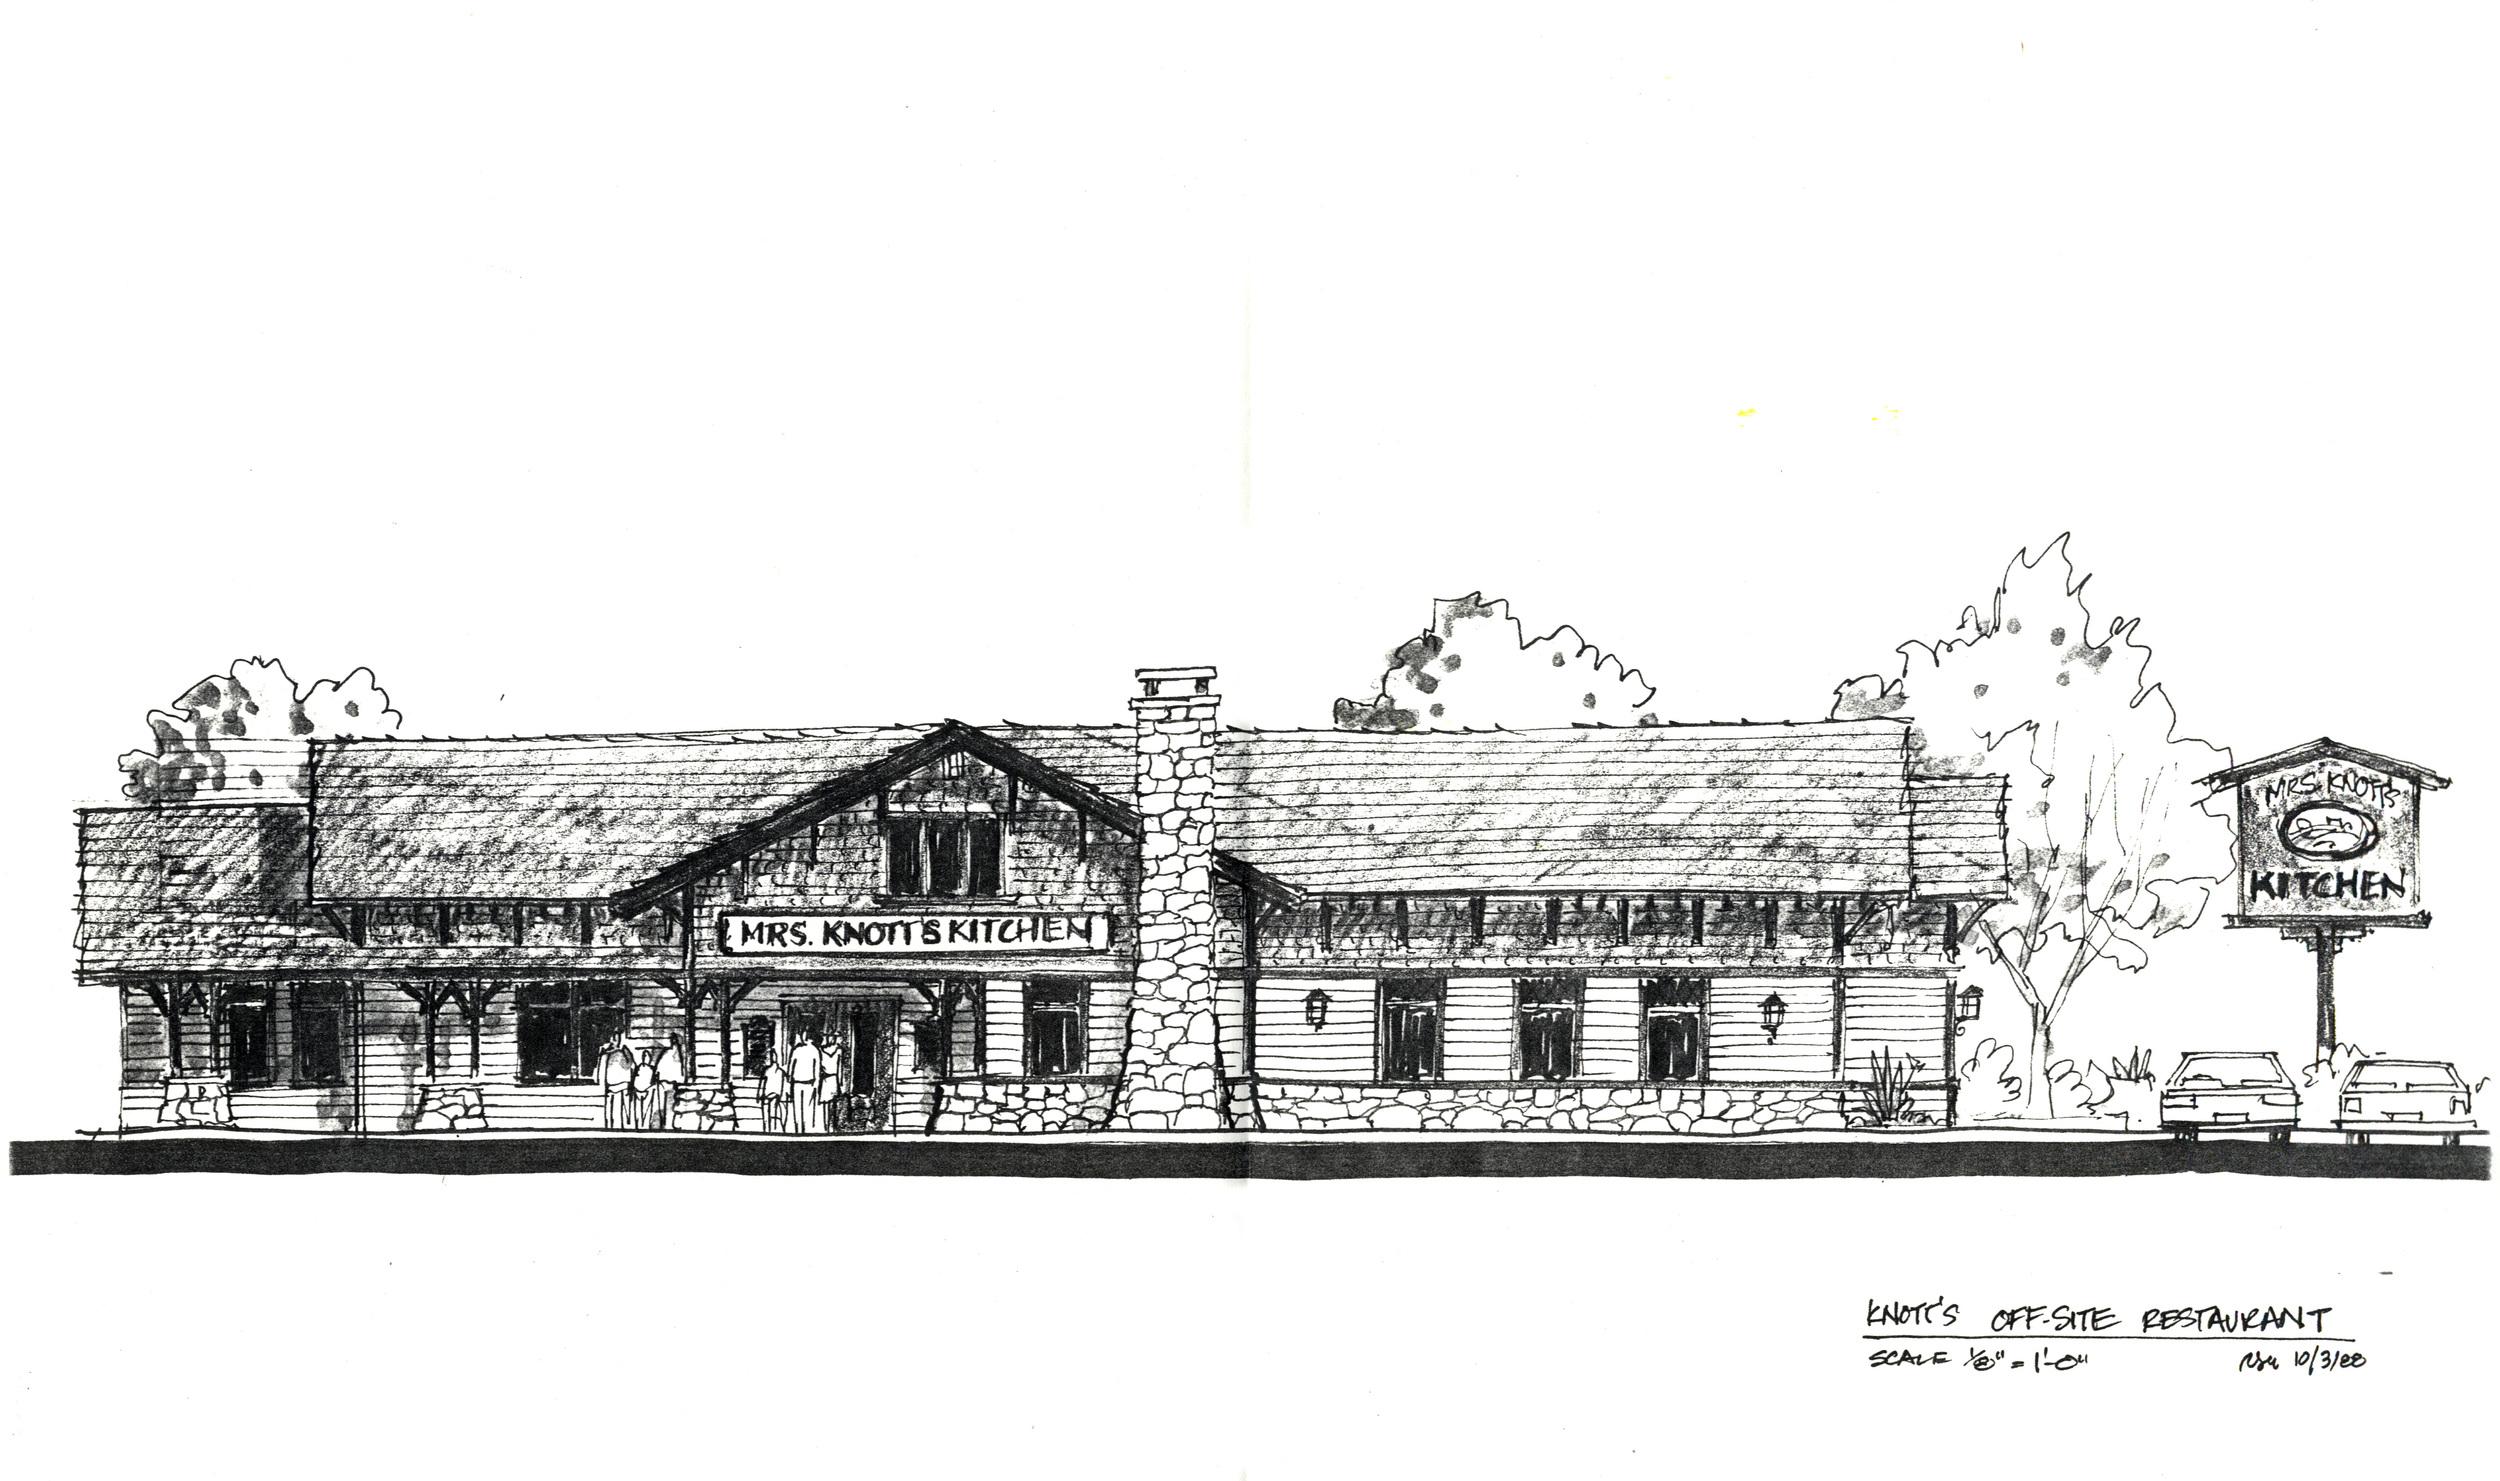 Mrs Knott's lodge concept 01 3342671005[K].jpg